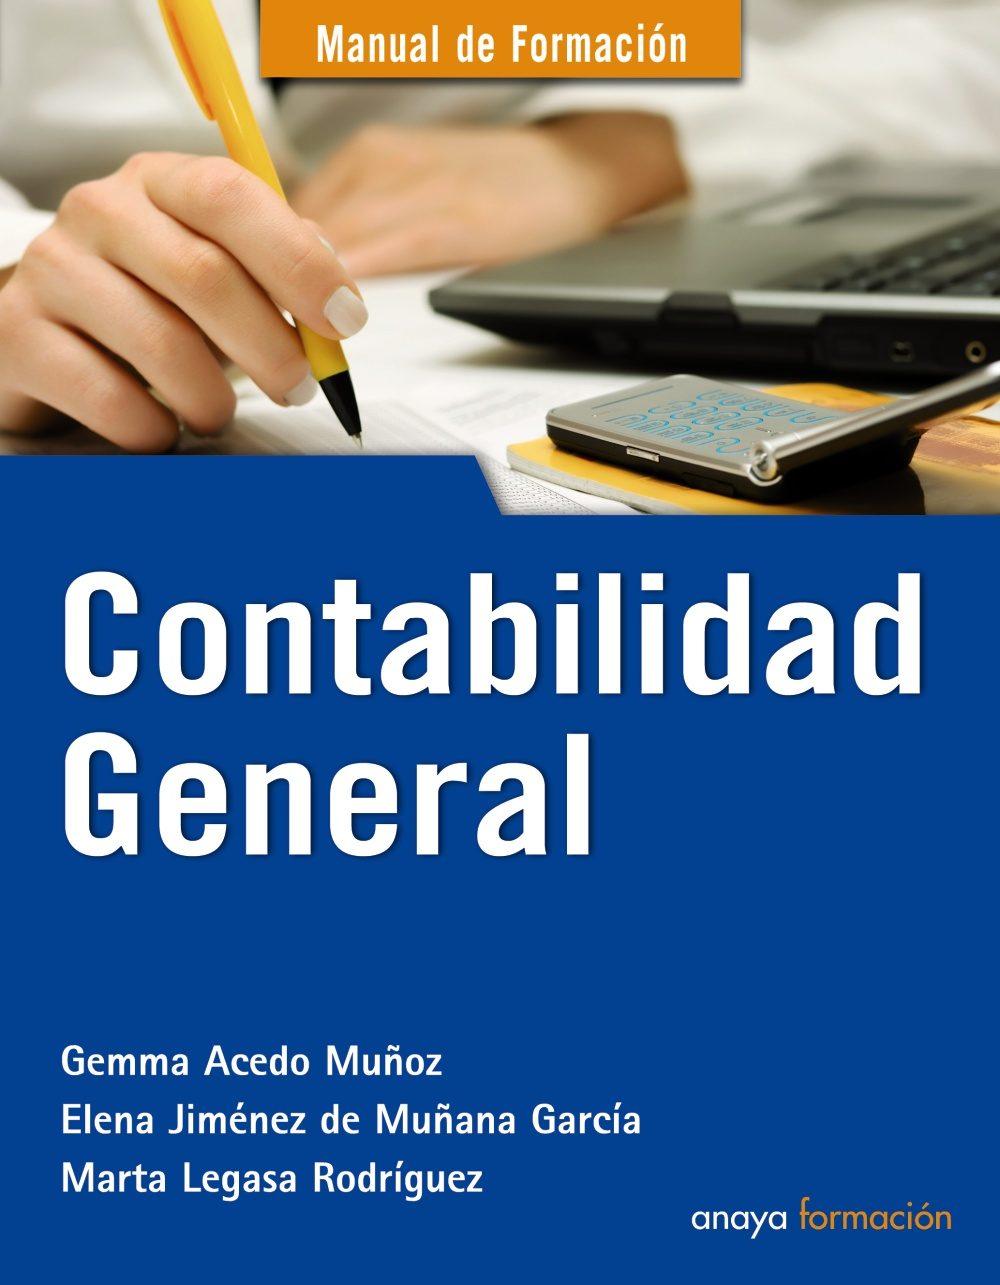 contabilidad general manual de formacion gemma acedo muÑoz